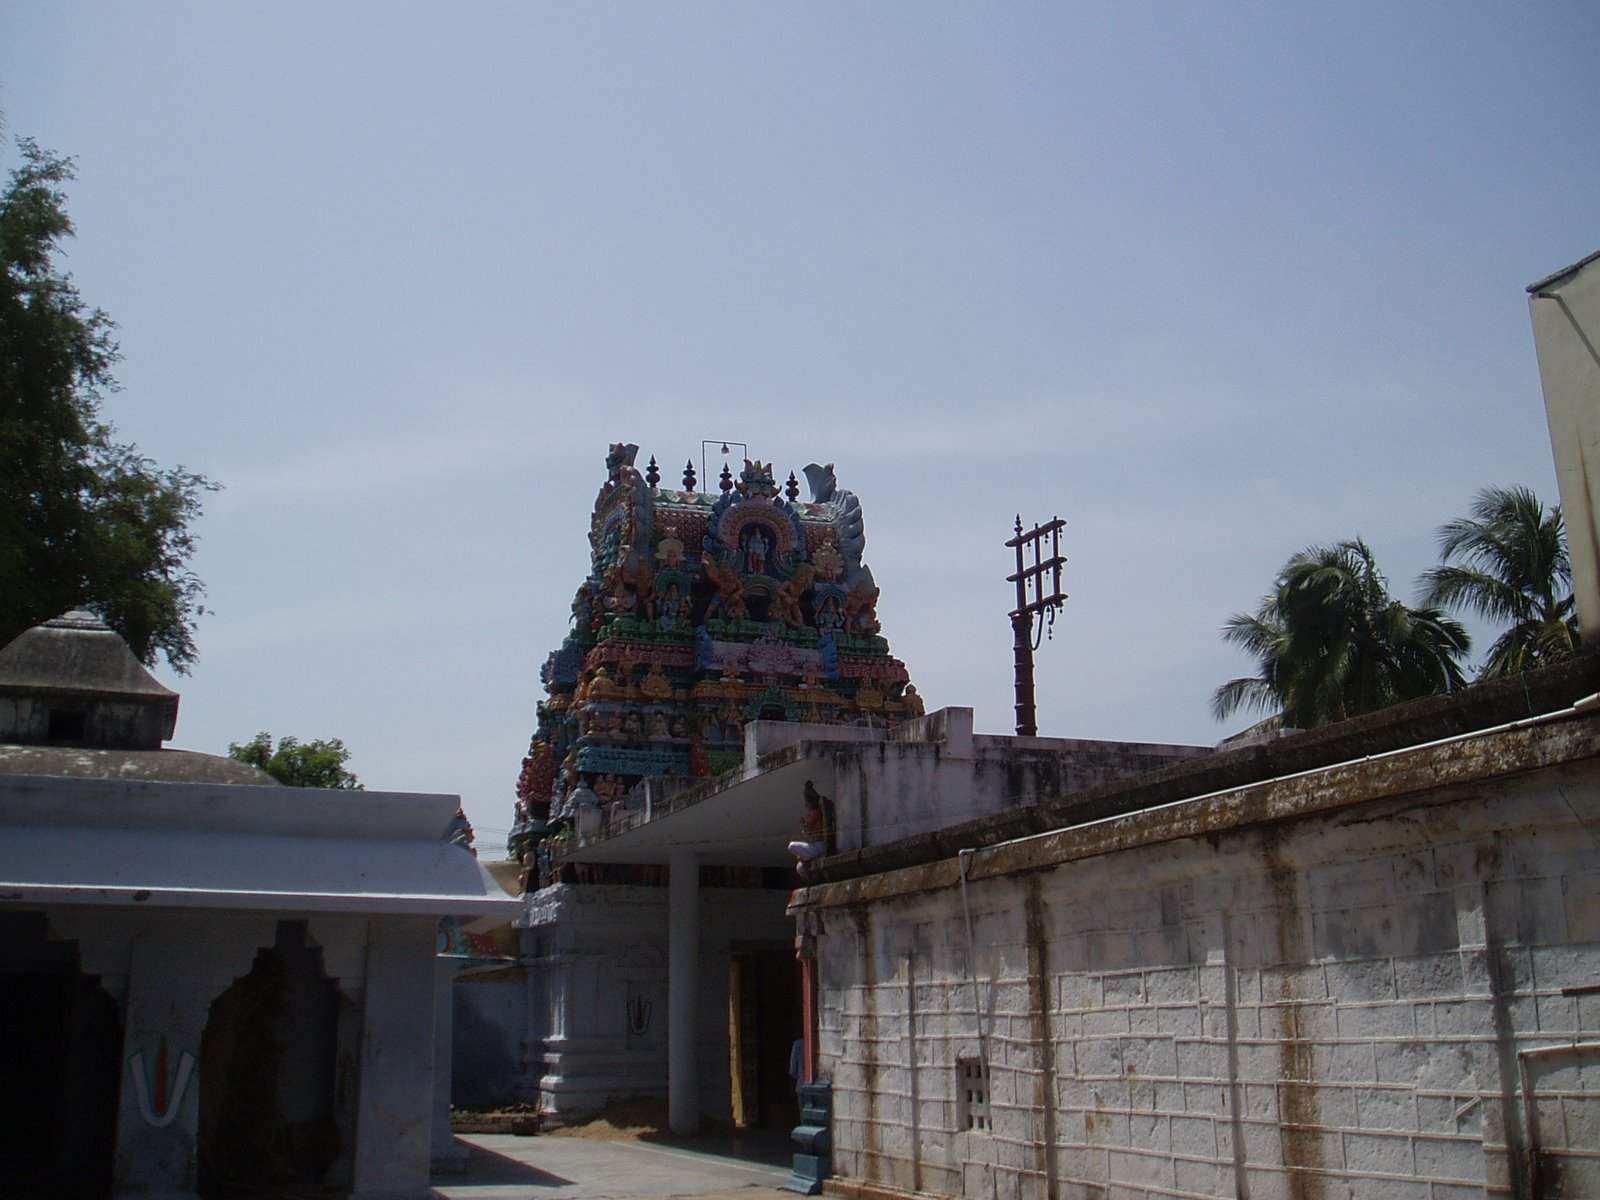 Sri Hara Saabha Vimocchana Perumal Temple (Thirukandiyur), Trichy - Divya Desam 07